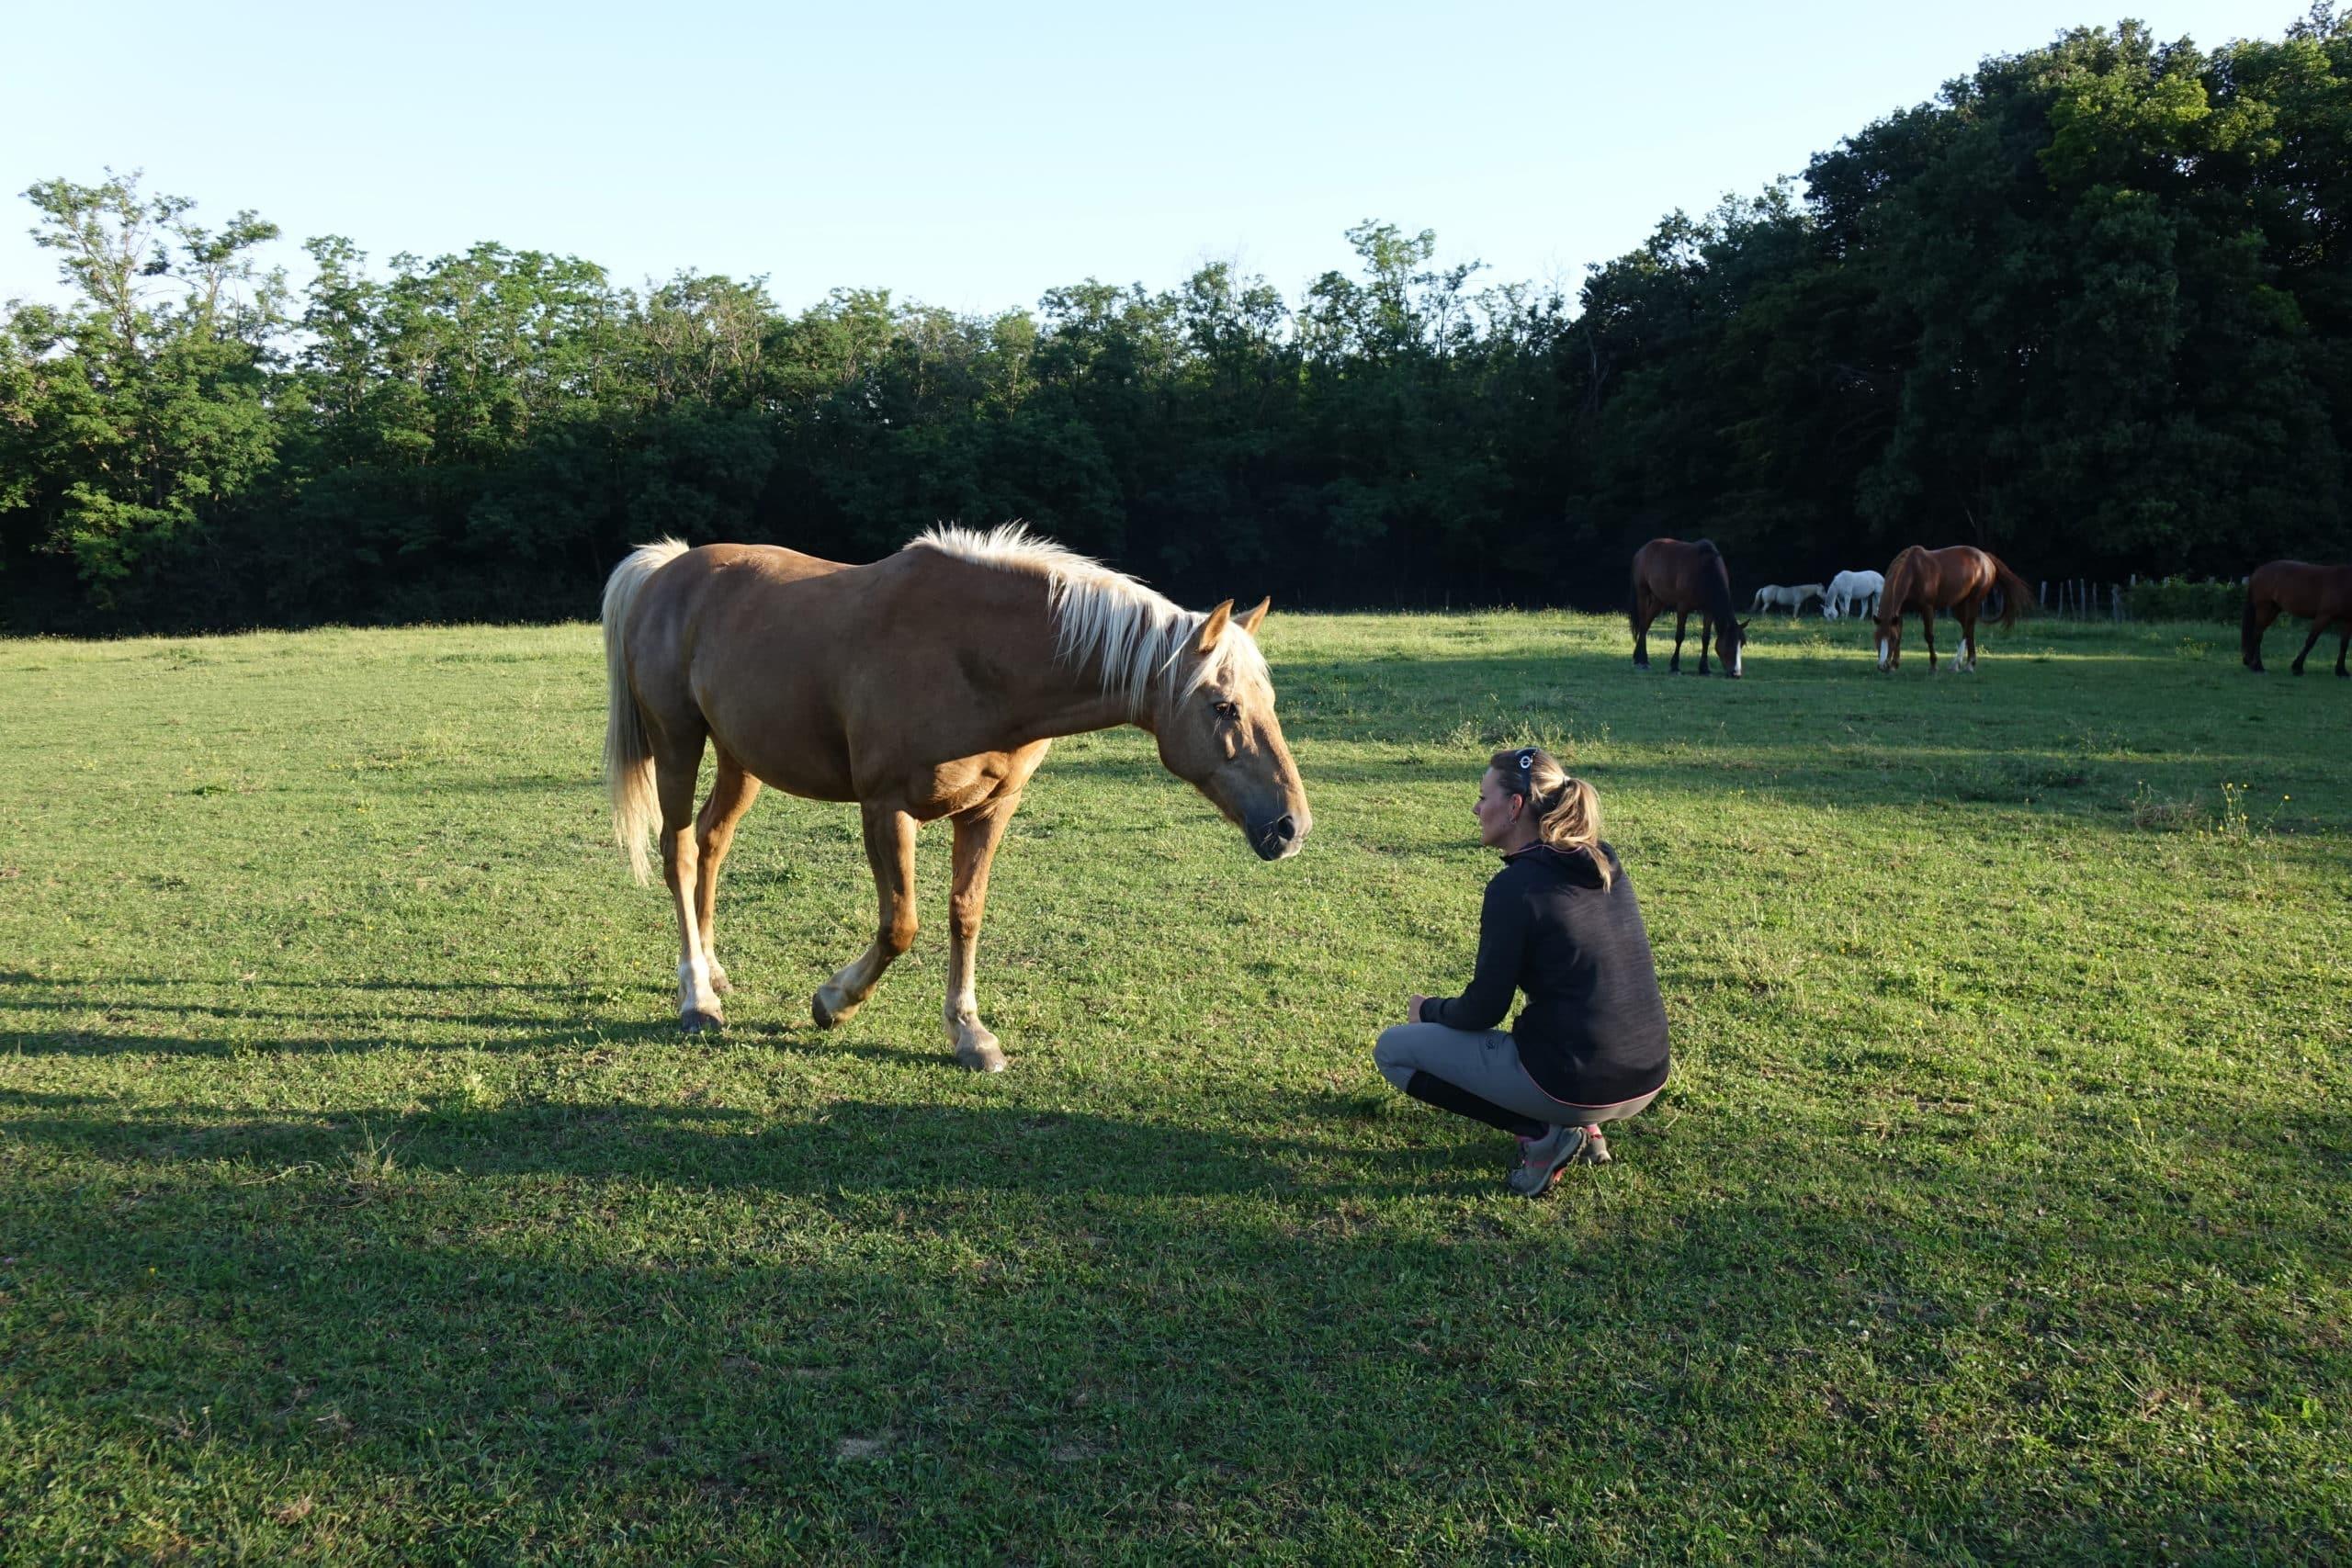 Les 4 signes que la relation avec votre cheval n'est pas optimale